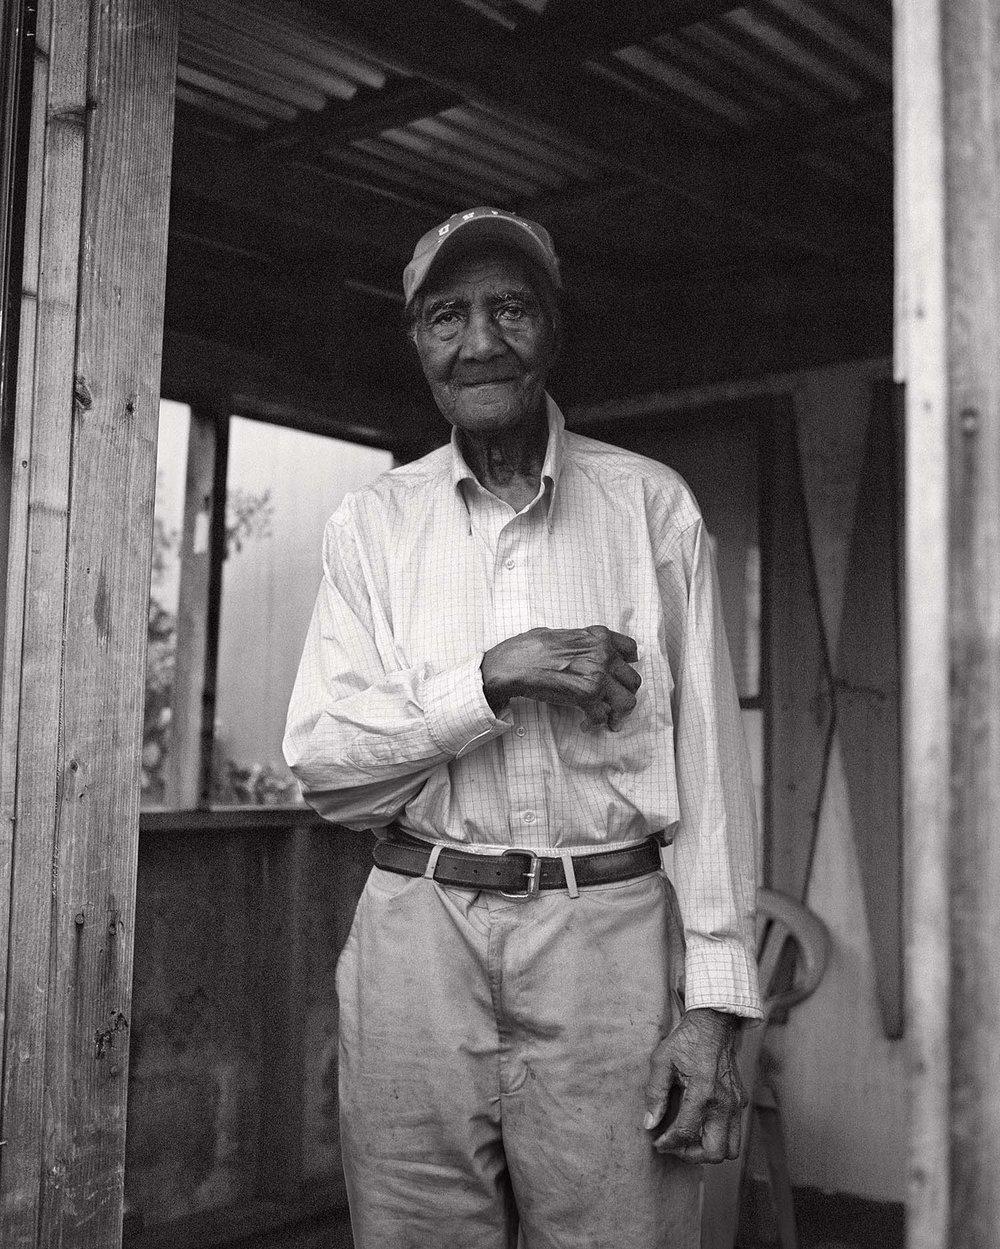 levon's great uncle, uncle horton.